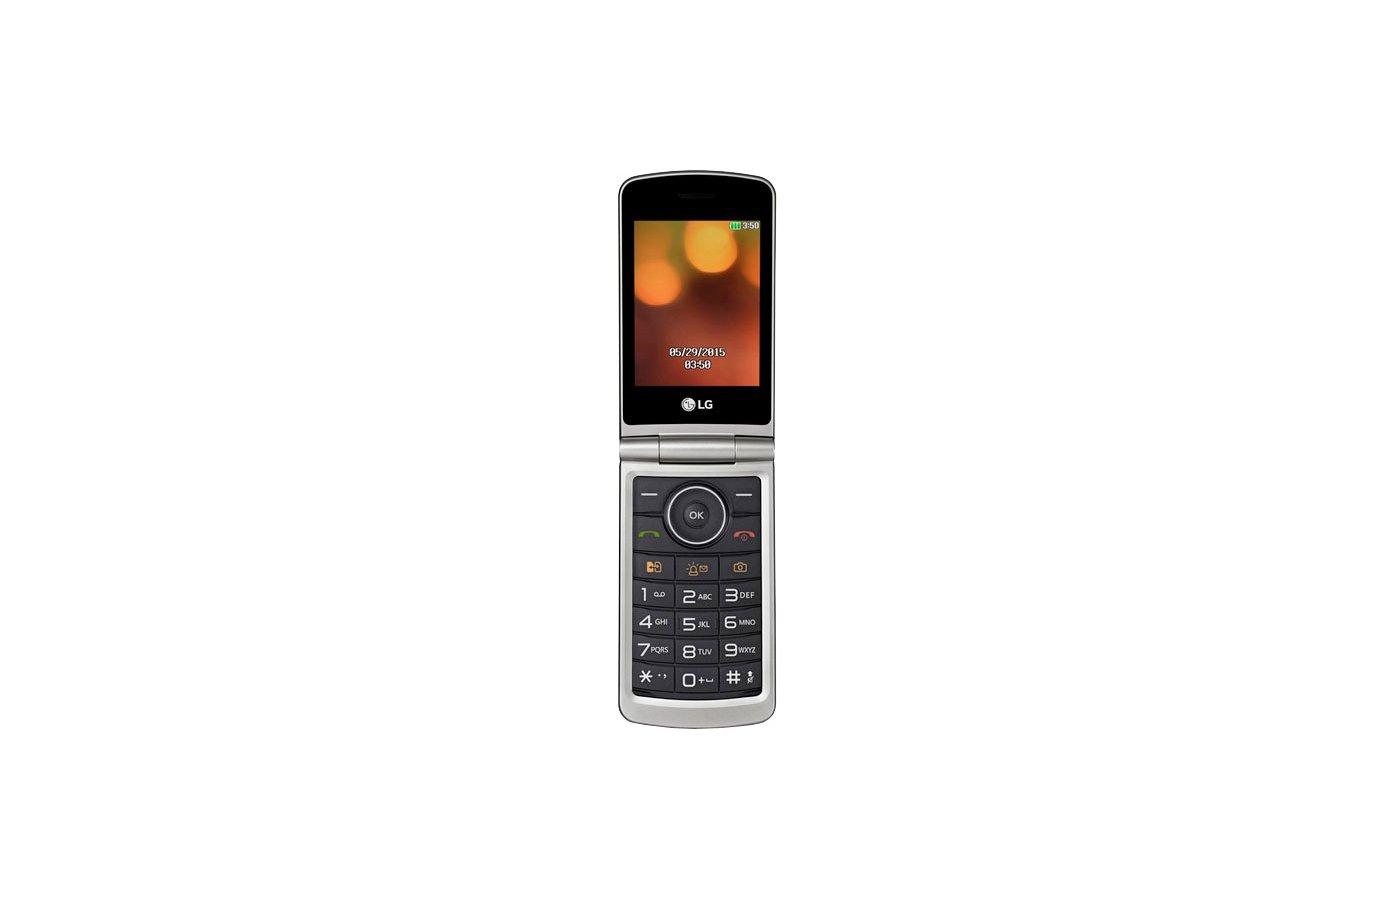 Мобильный телефон LG G360 titanium